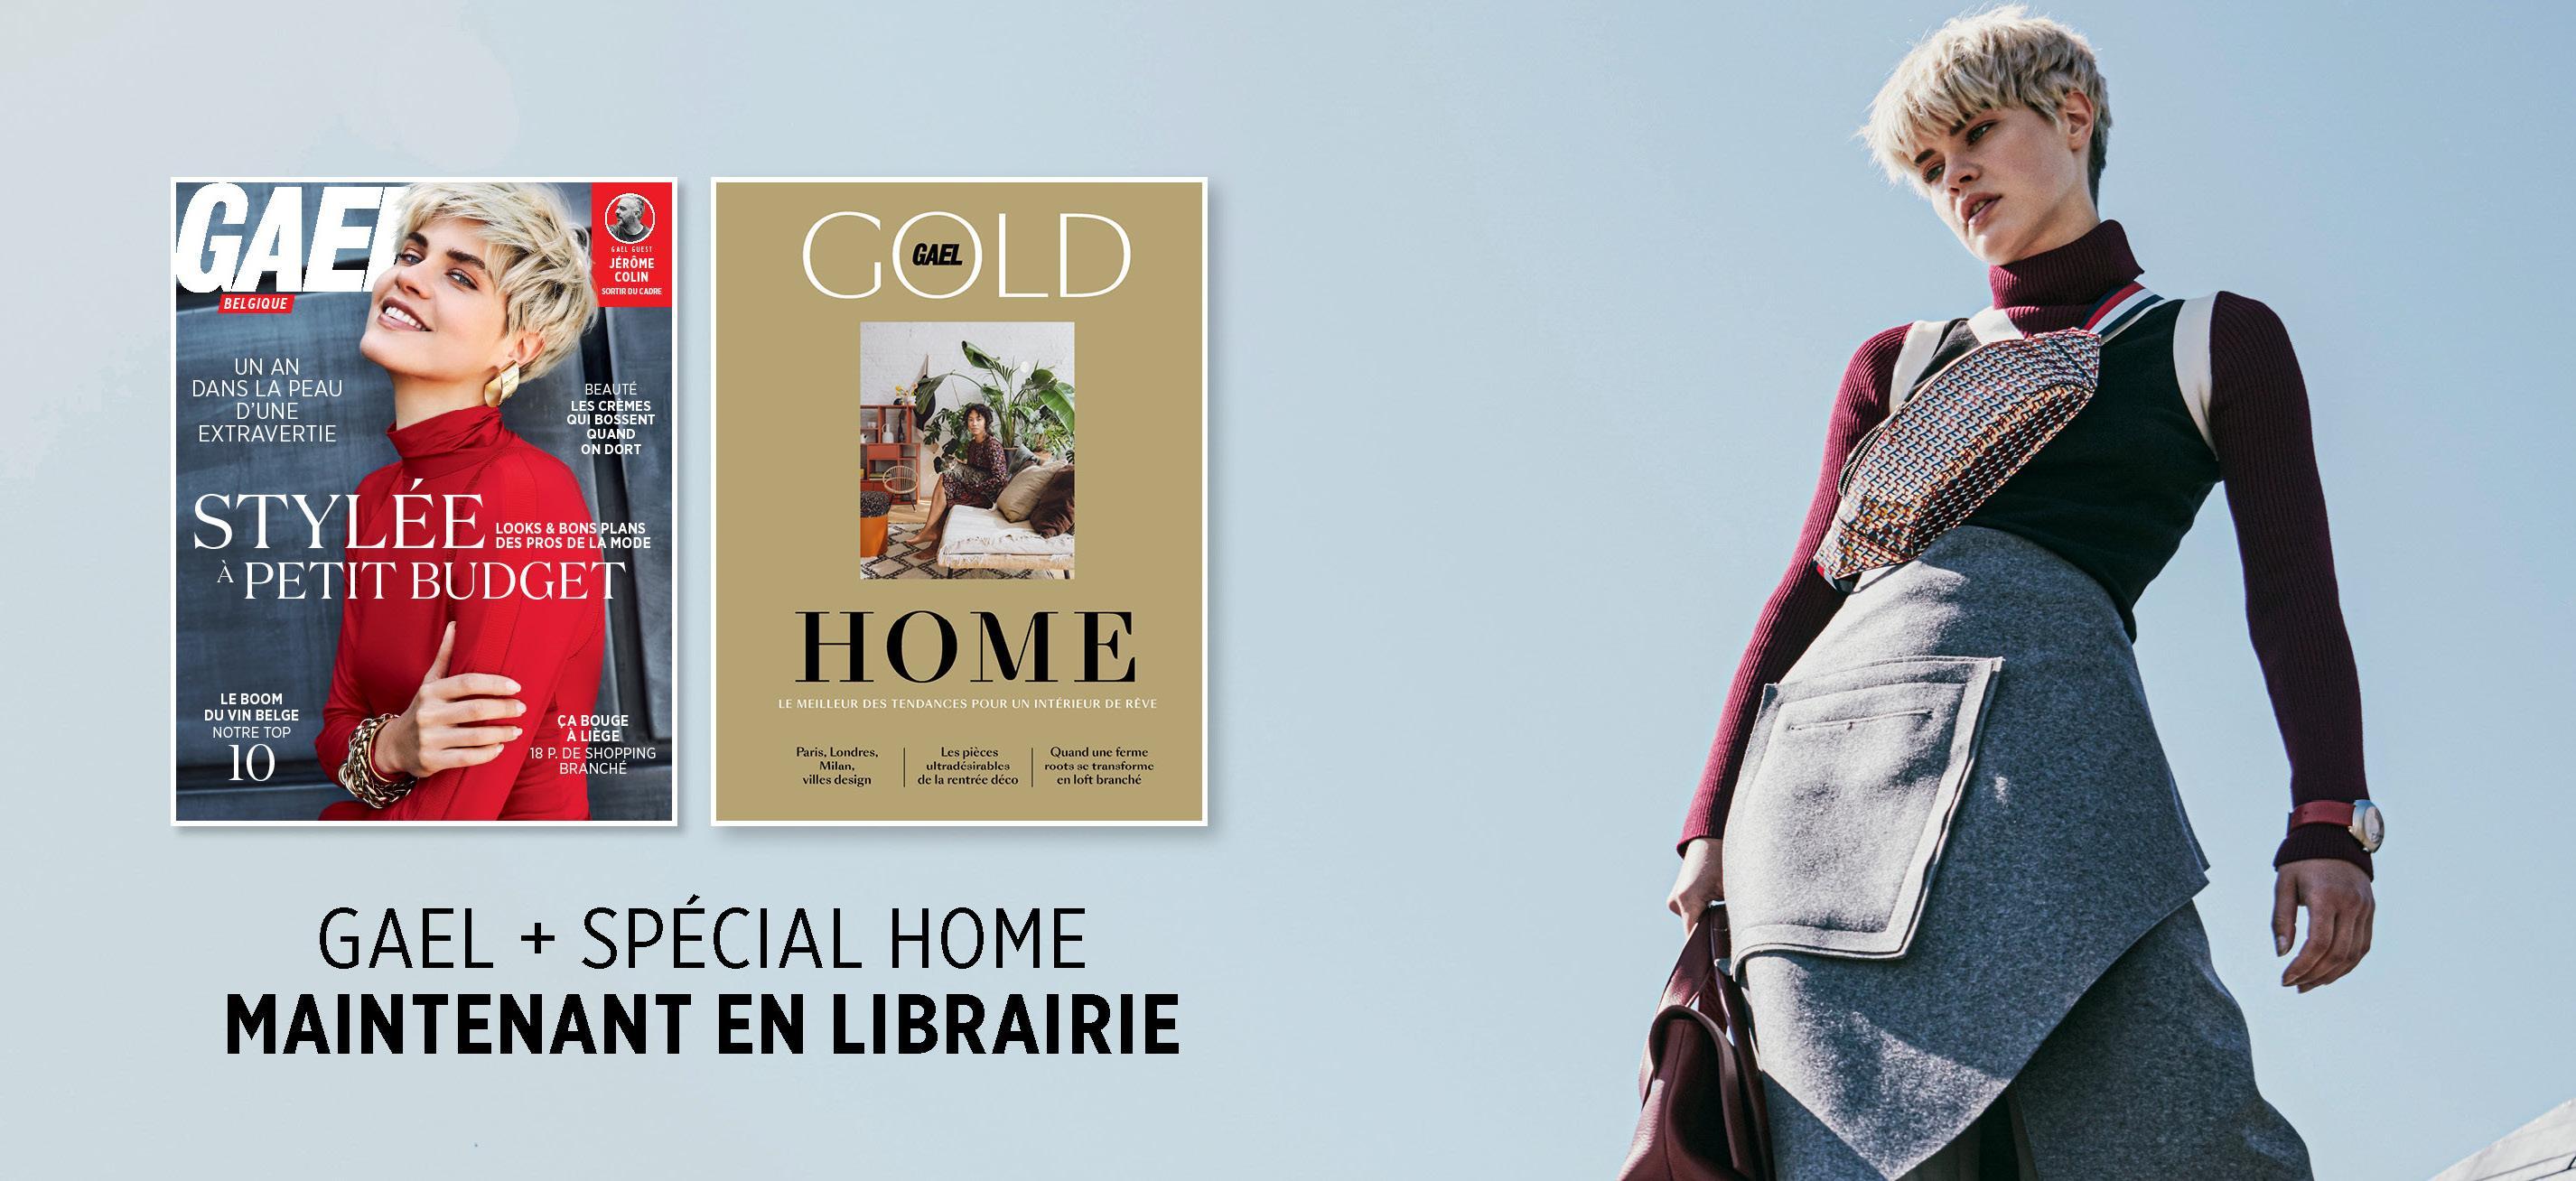 Le GAEL d'octobre et le GOLD spécial Home sont disponibles!